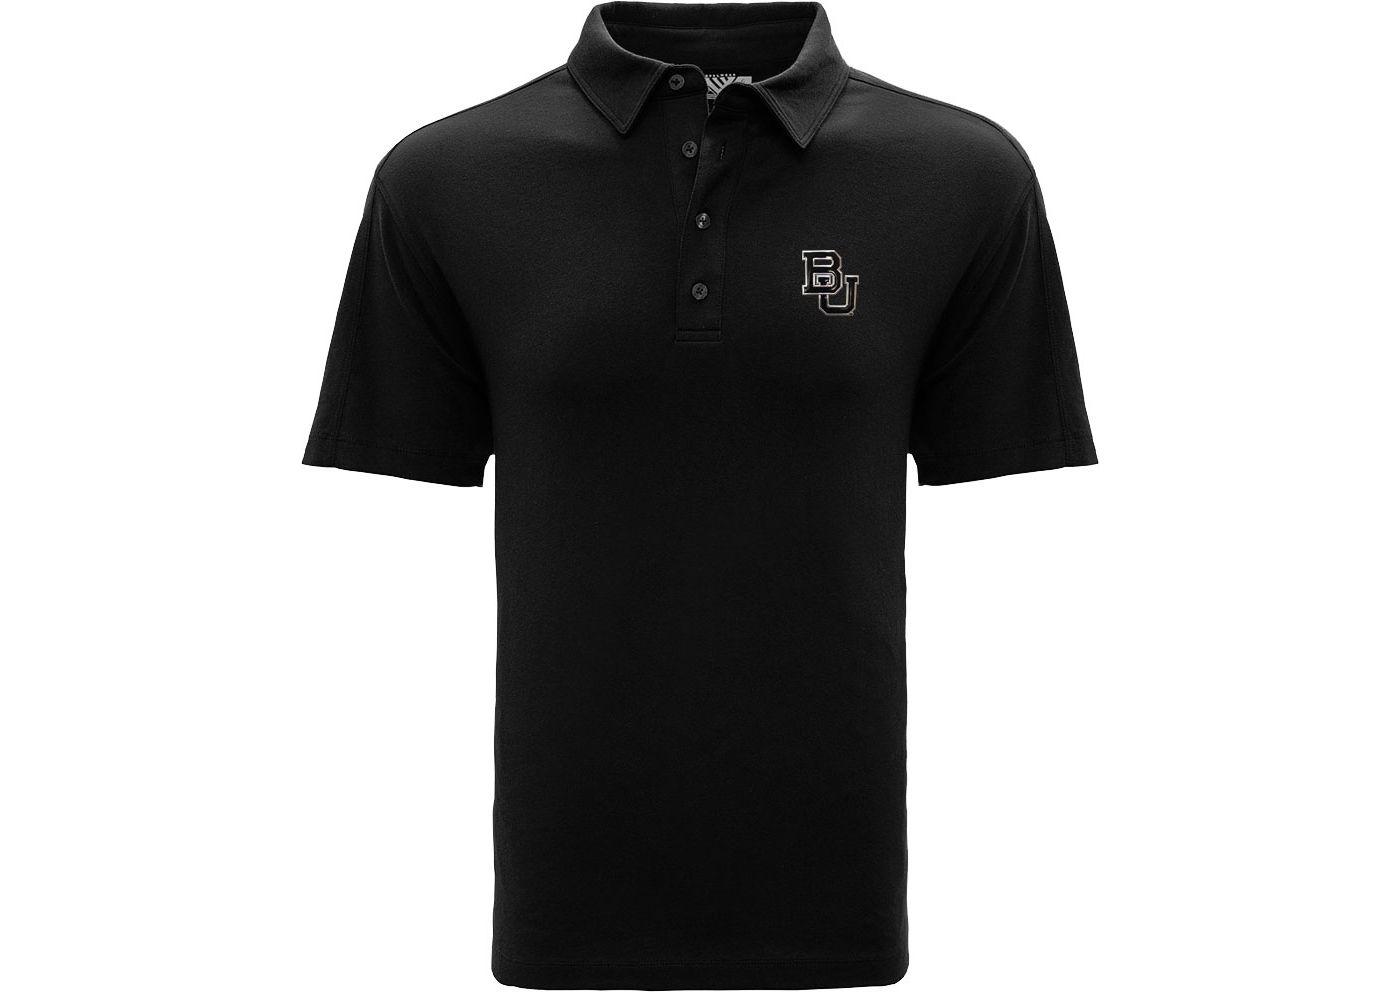 Levelwear Men's Baylor Bears Black Reign Polo